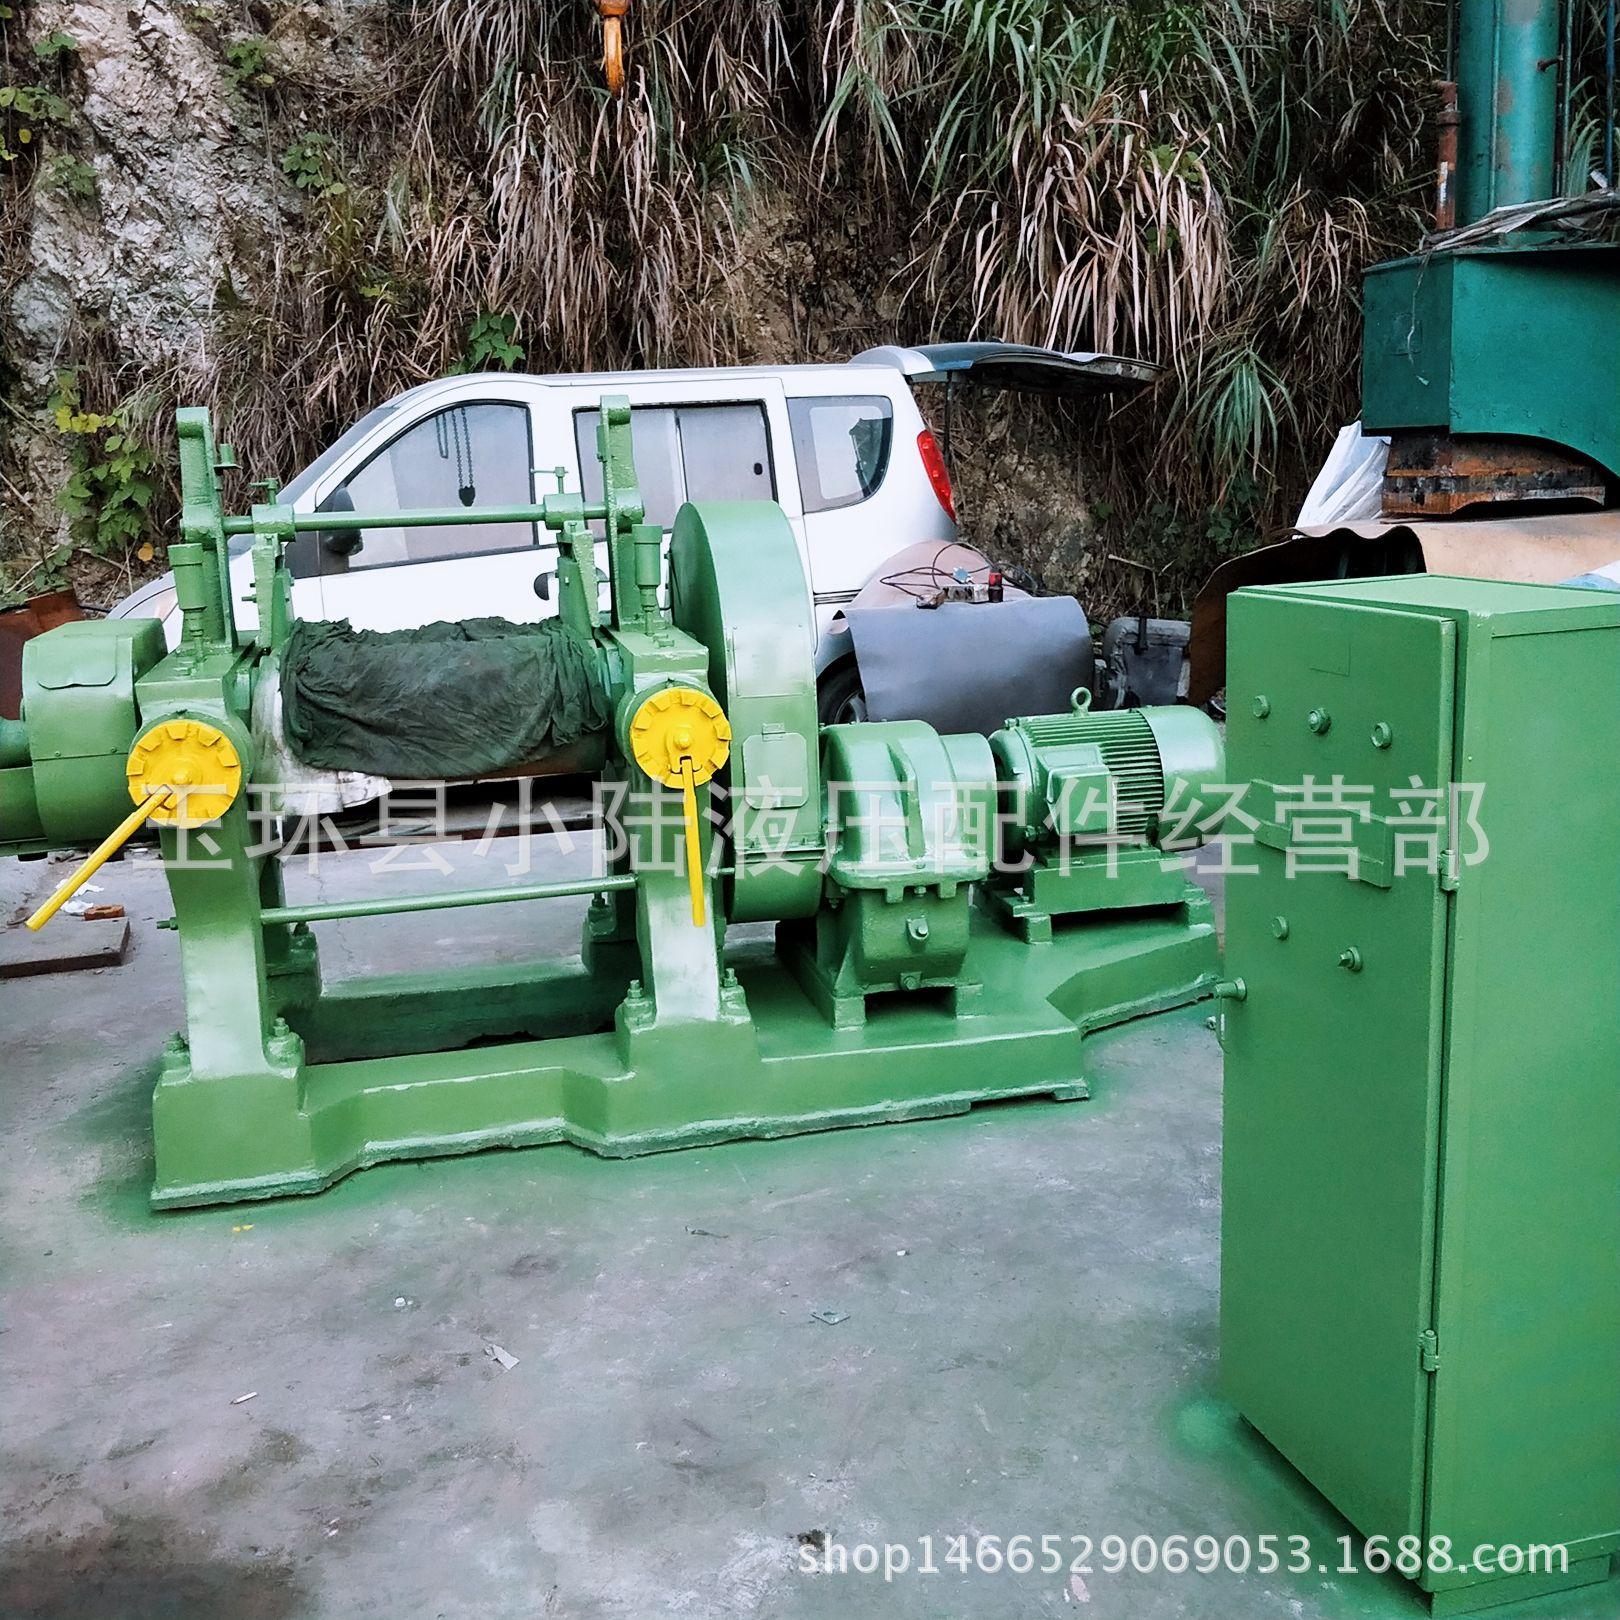 二手硅橡胶混炼机300轴承式开炼机12寸 小型密炼机炼胶机